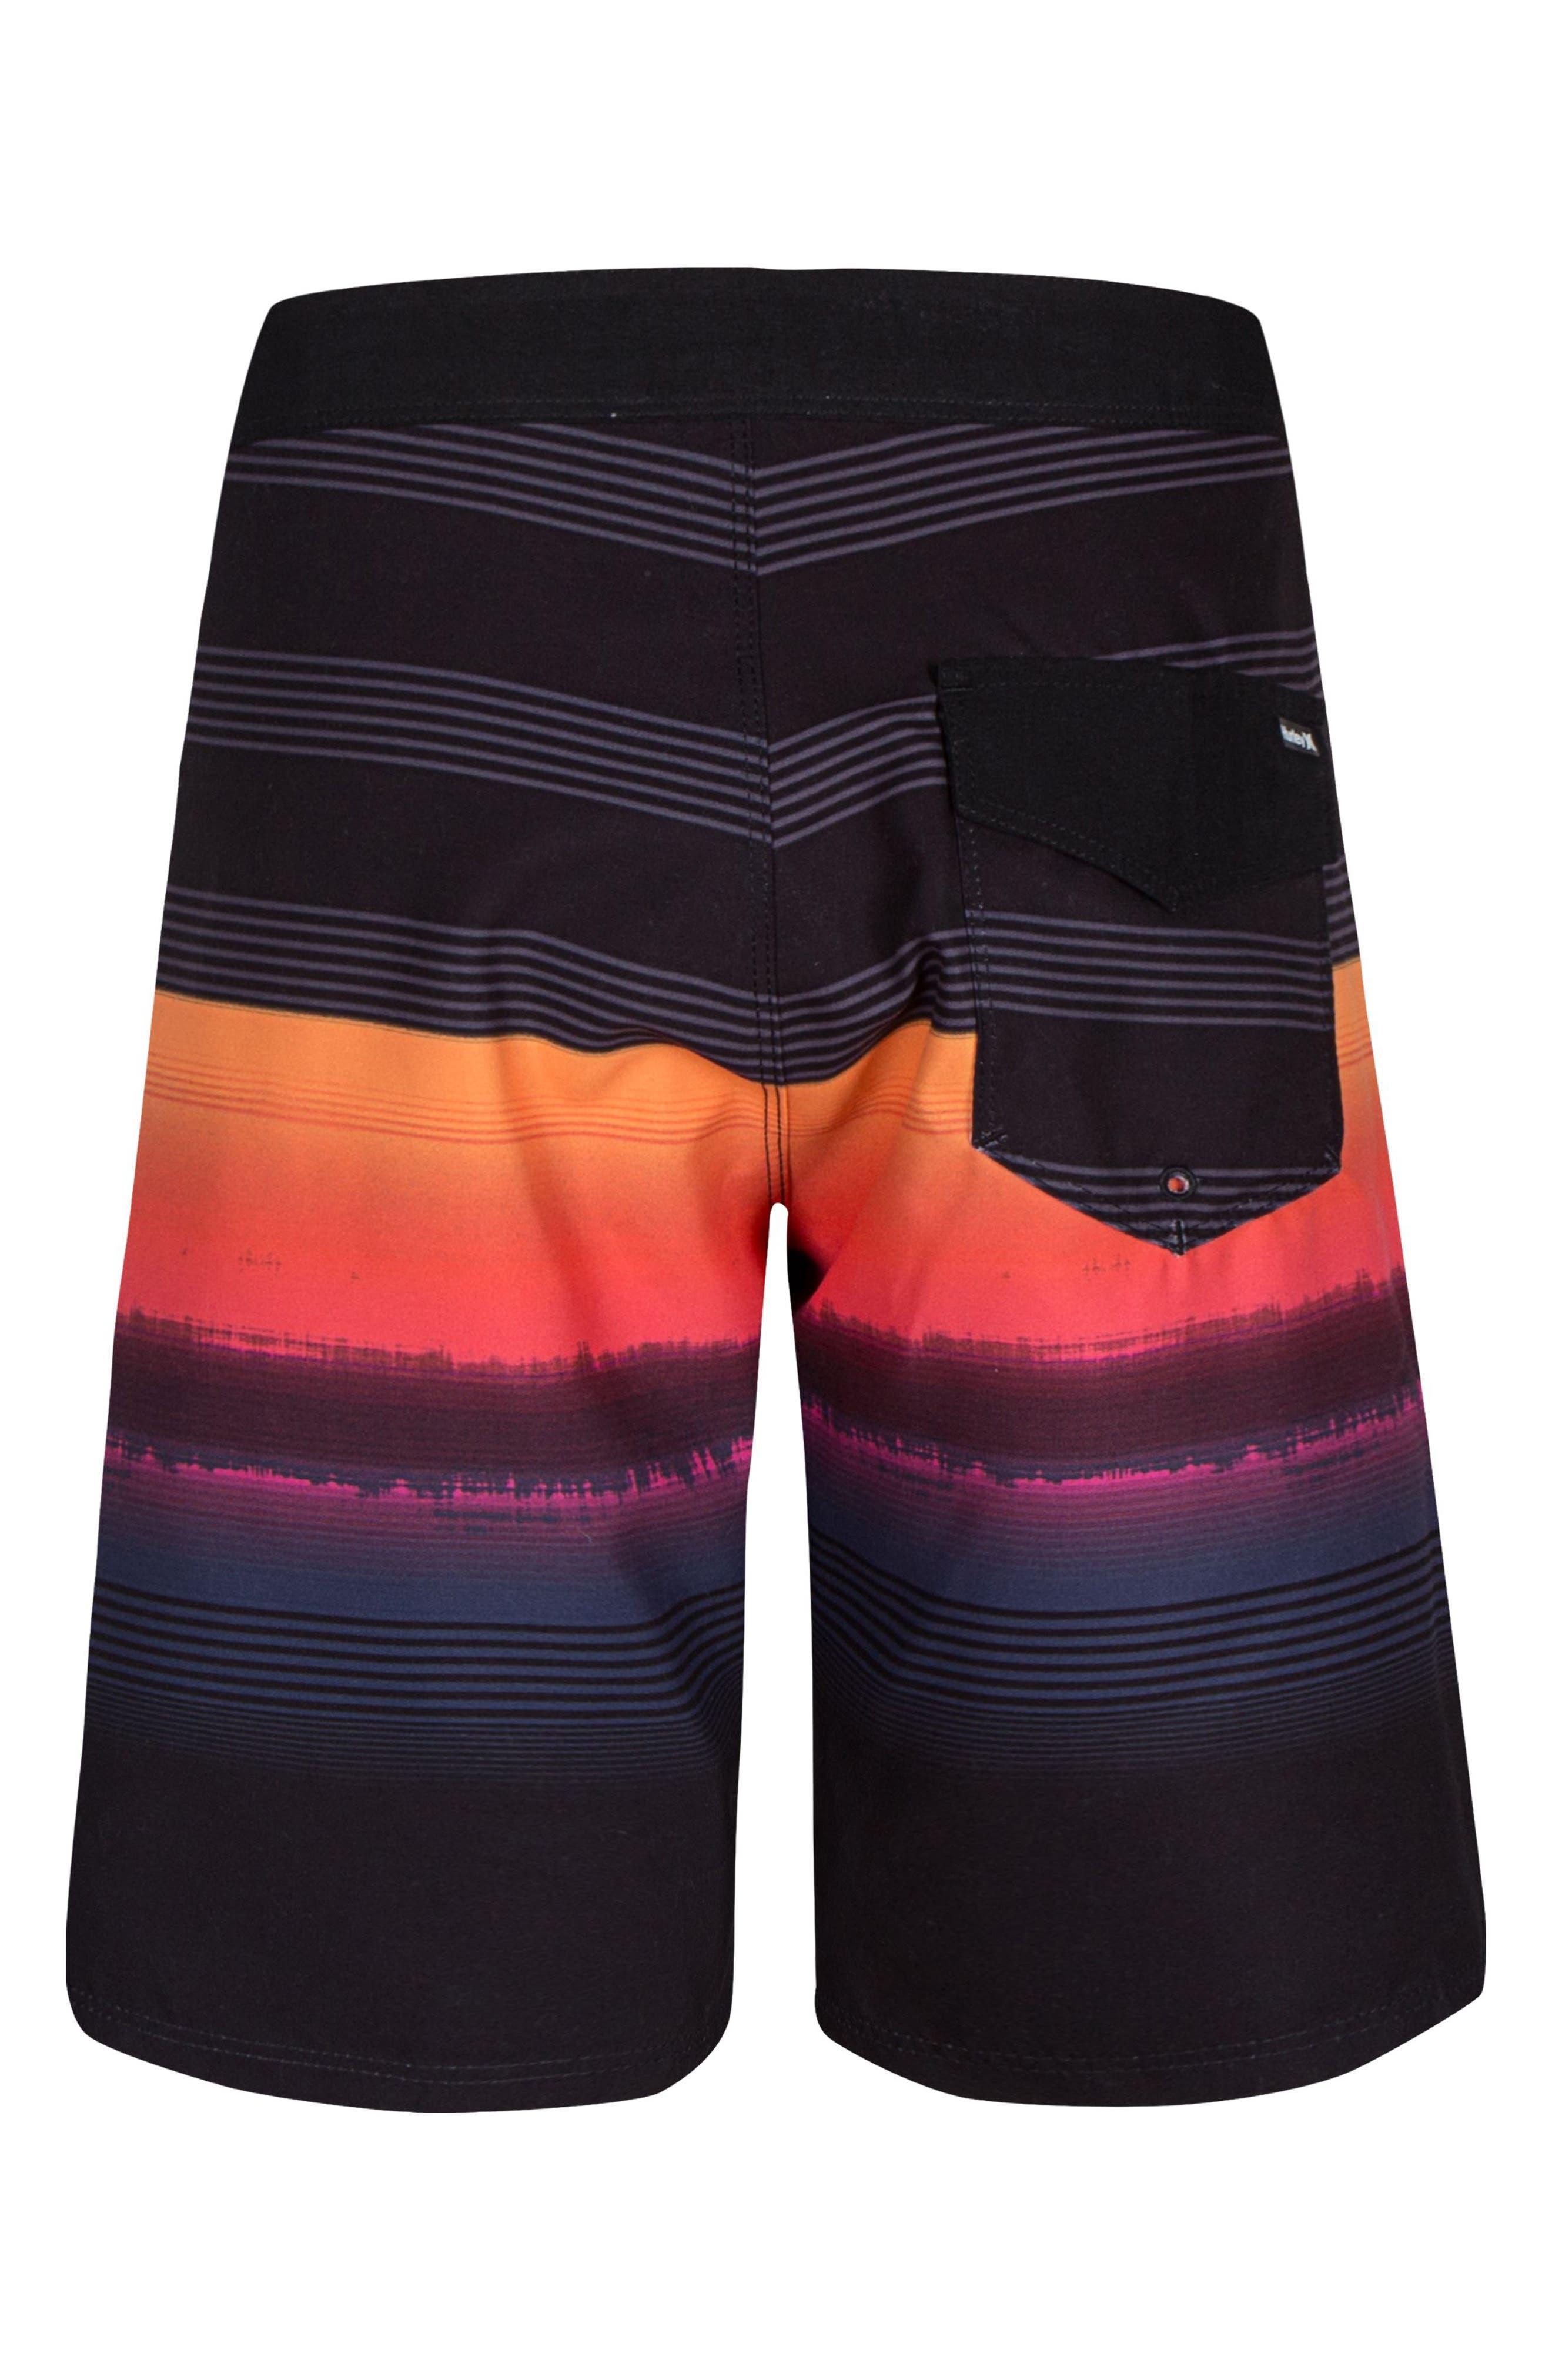 Gavitos Board Shorts,                             Alternate thumbnail 2, color,                             001